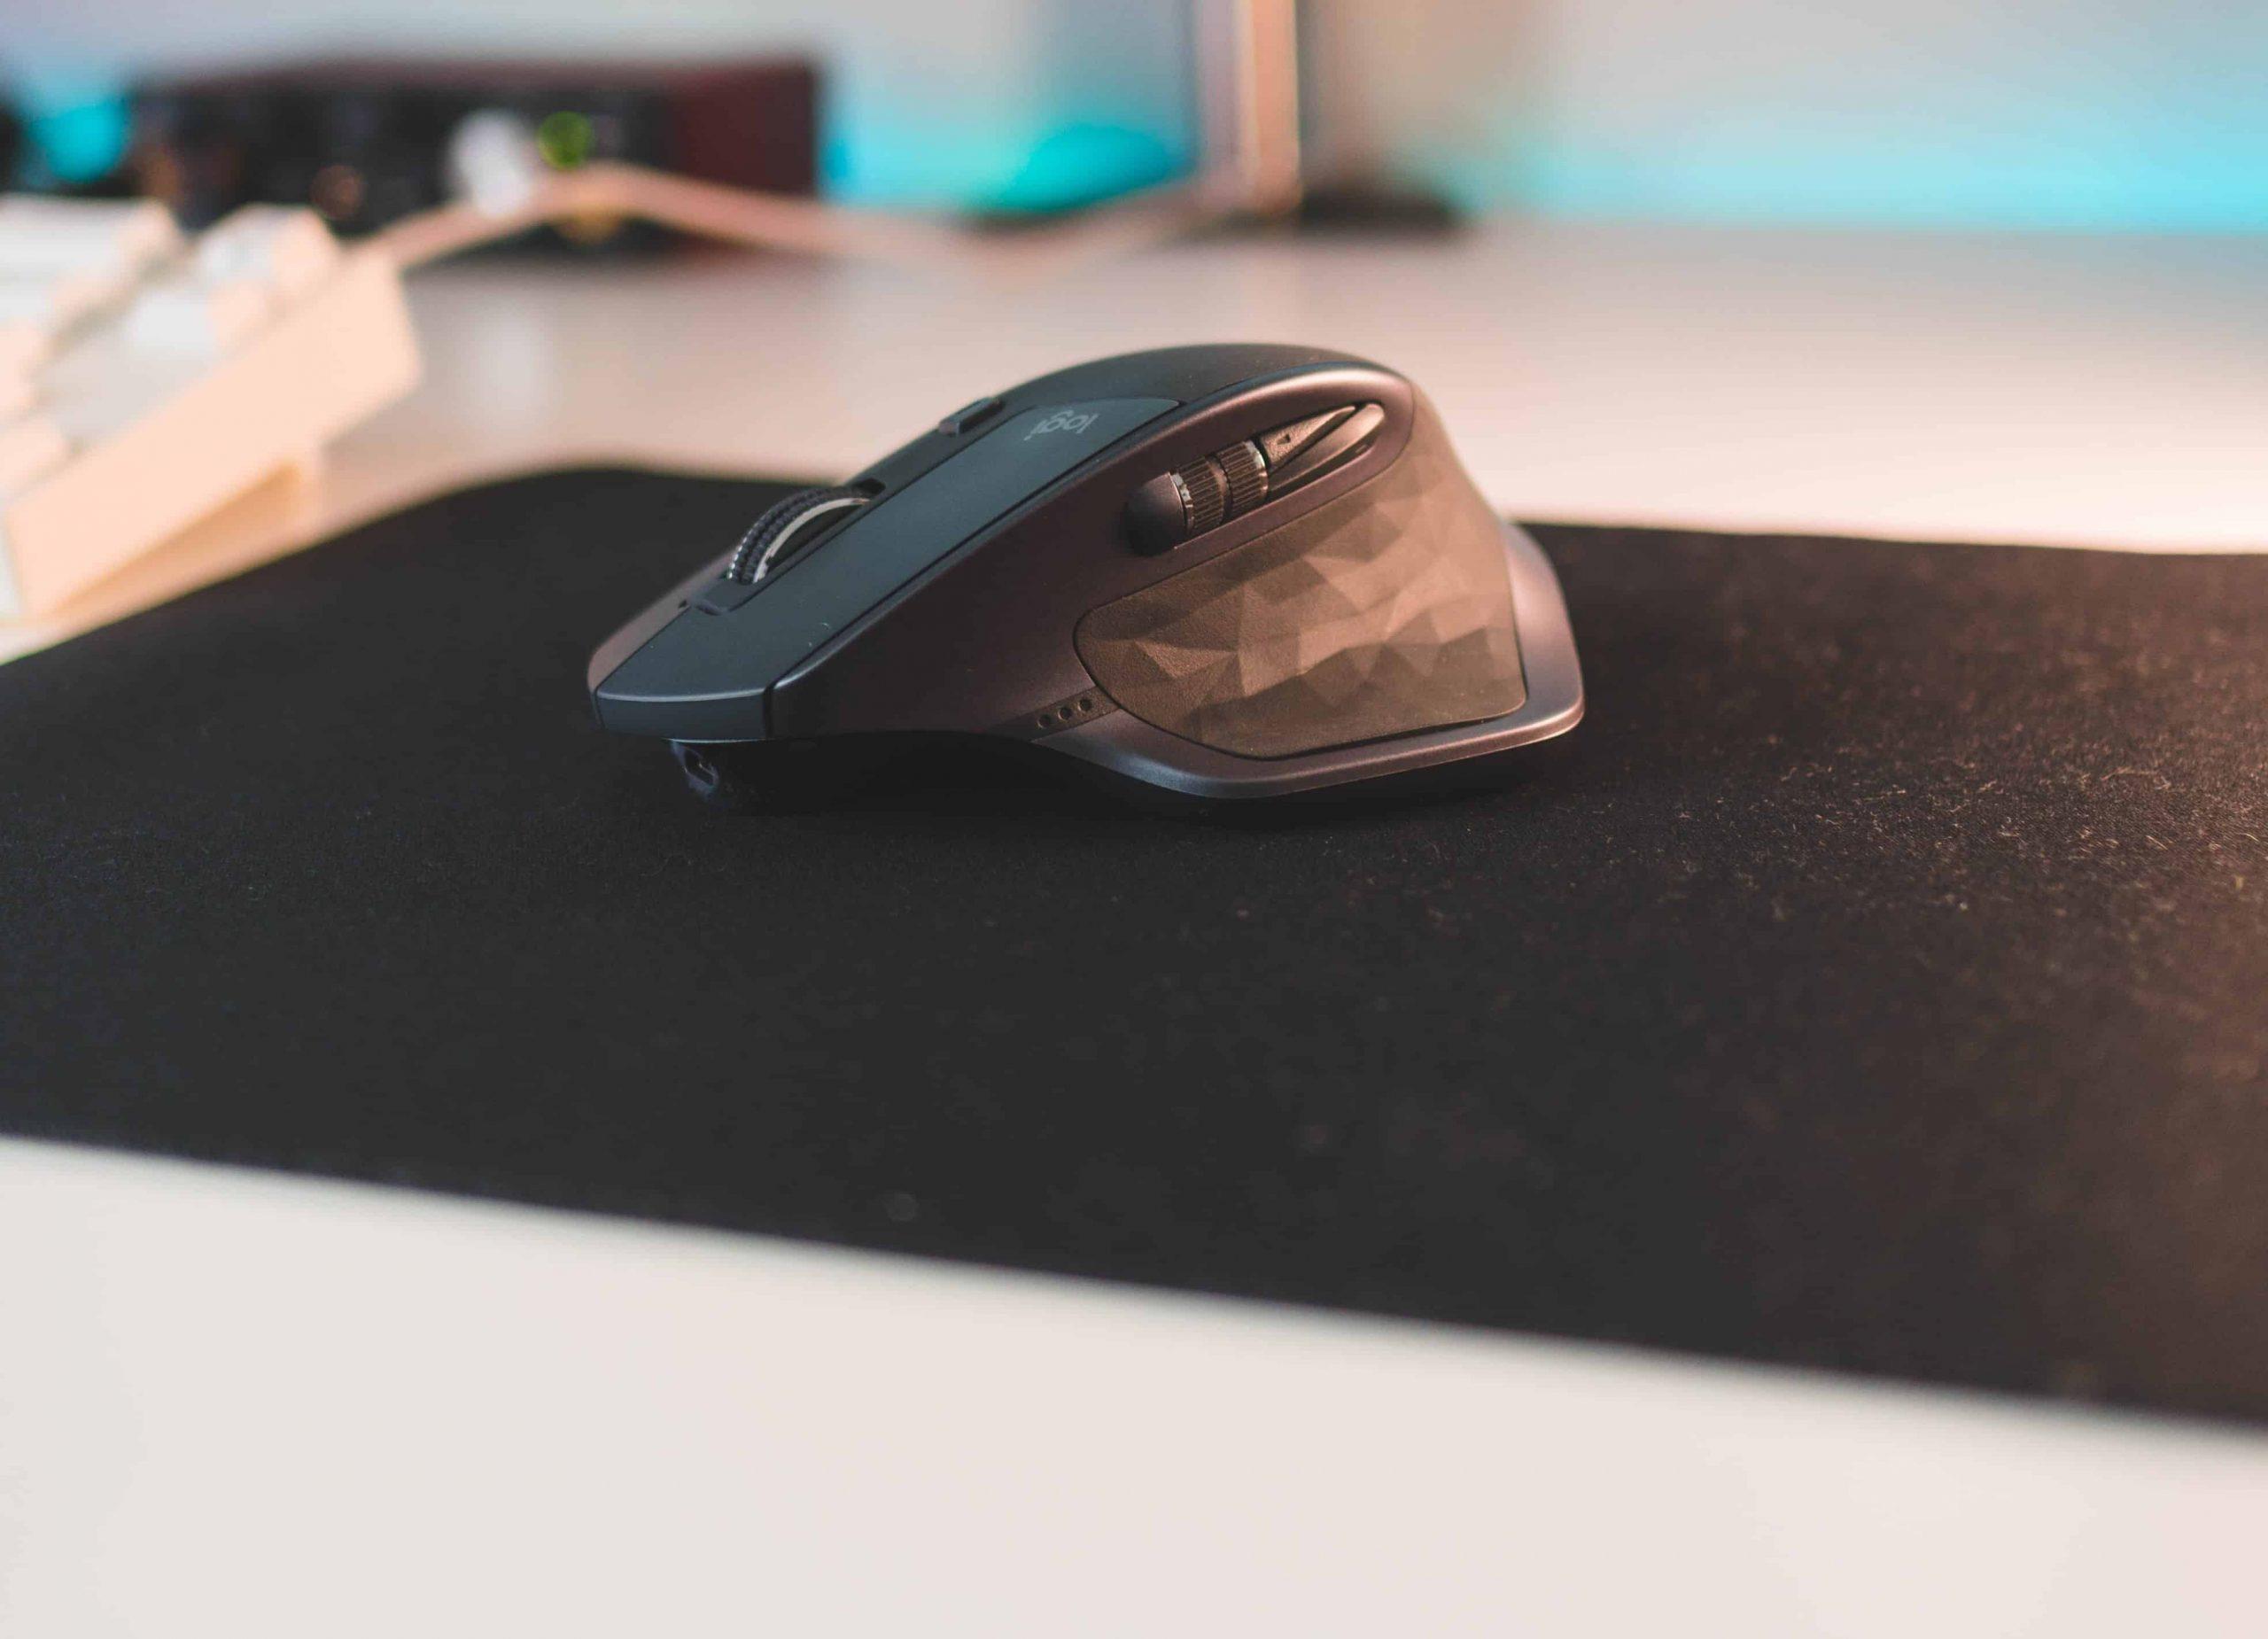 Mauspad Gaming Mousepad rutschfe weiche Oberfläche für jeden Maustyp mit Design